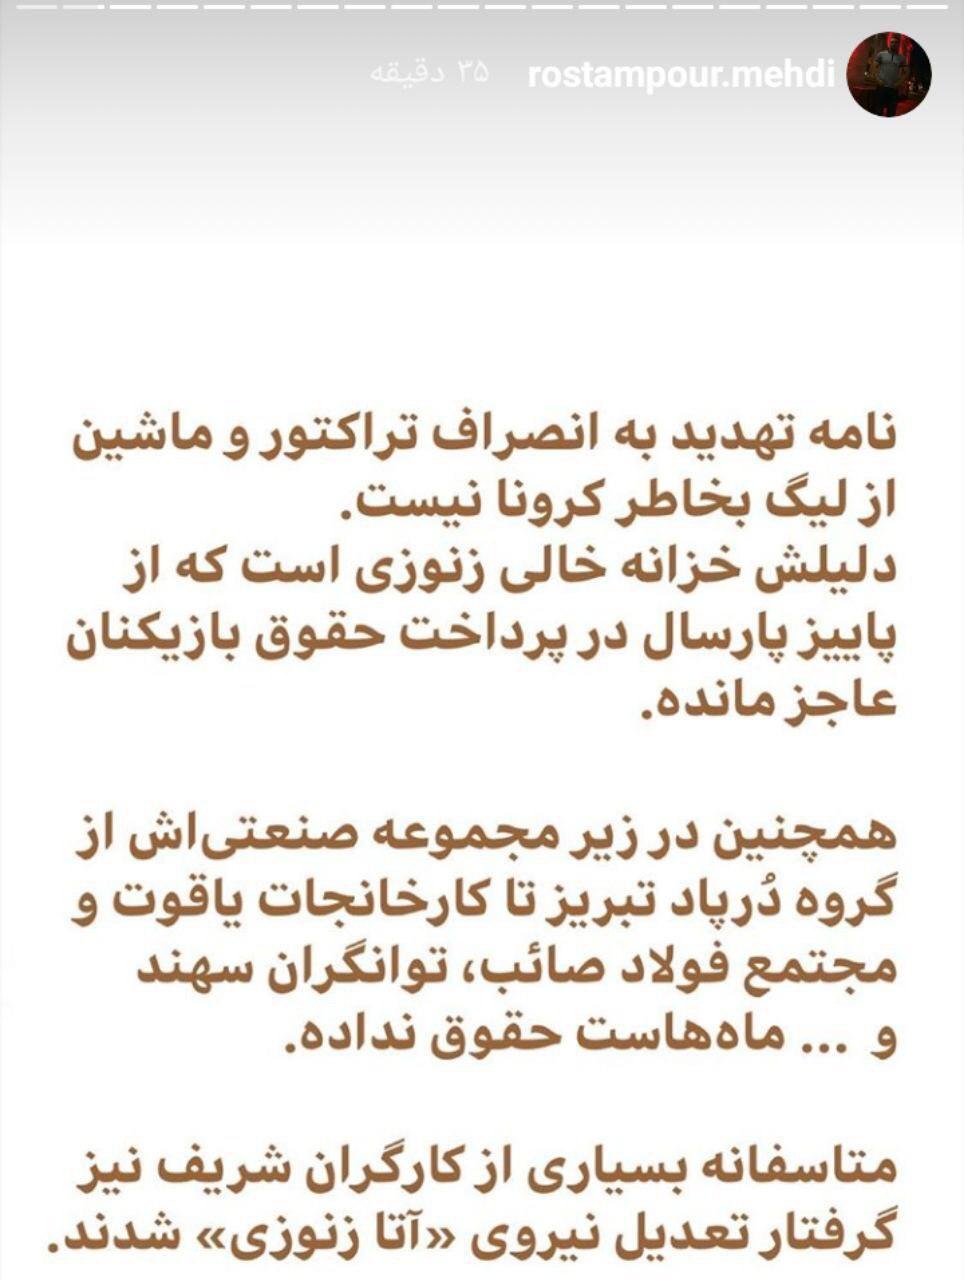 حمله خبرنگار فراری به مالک تراکتورسازی در خصوص نامه انصراف از لیگ